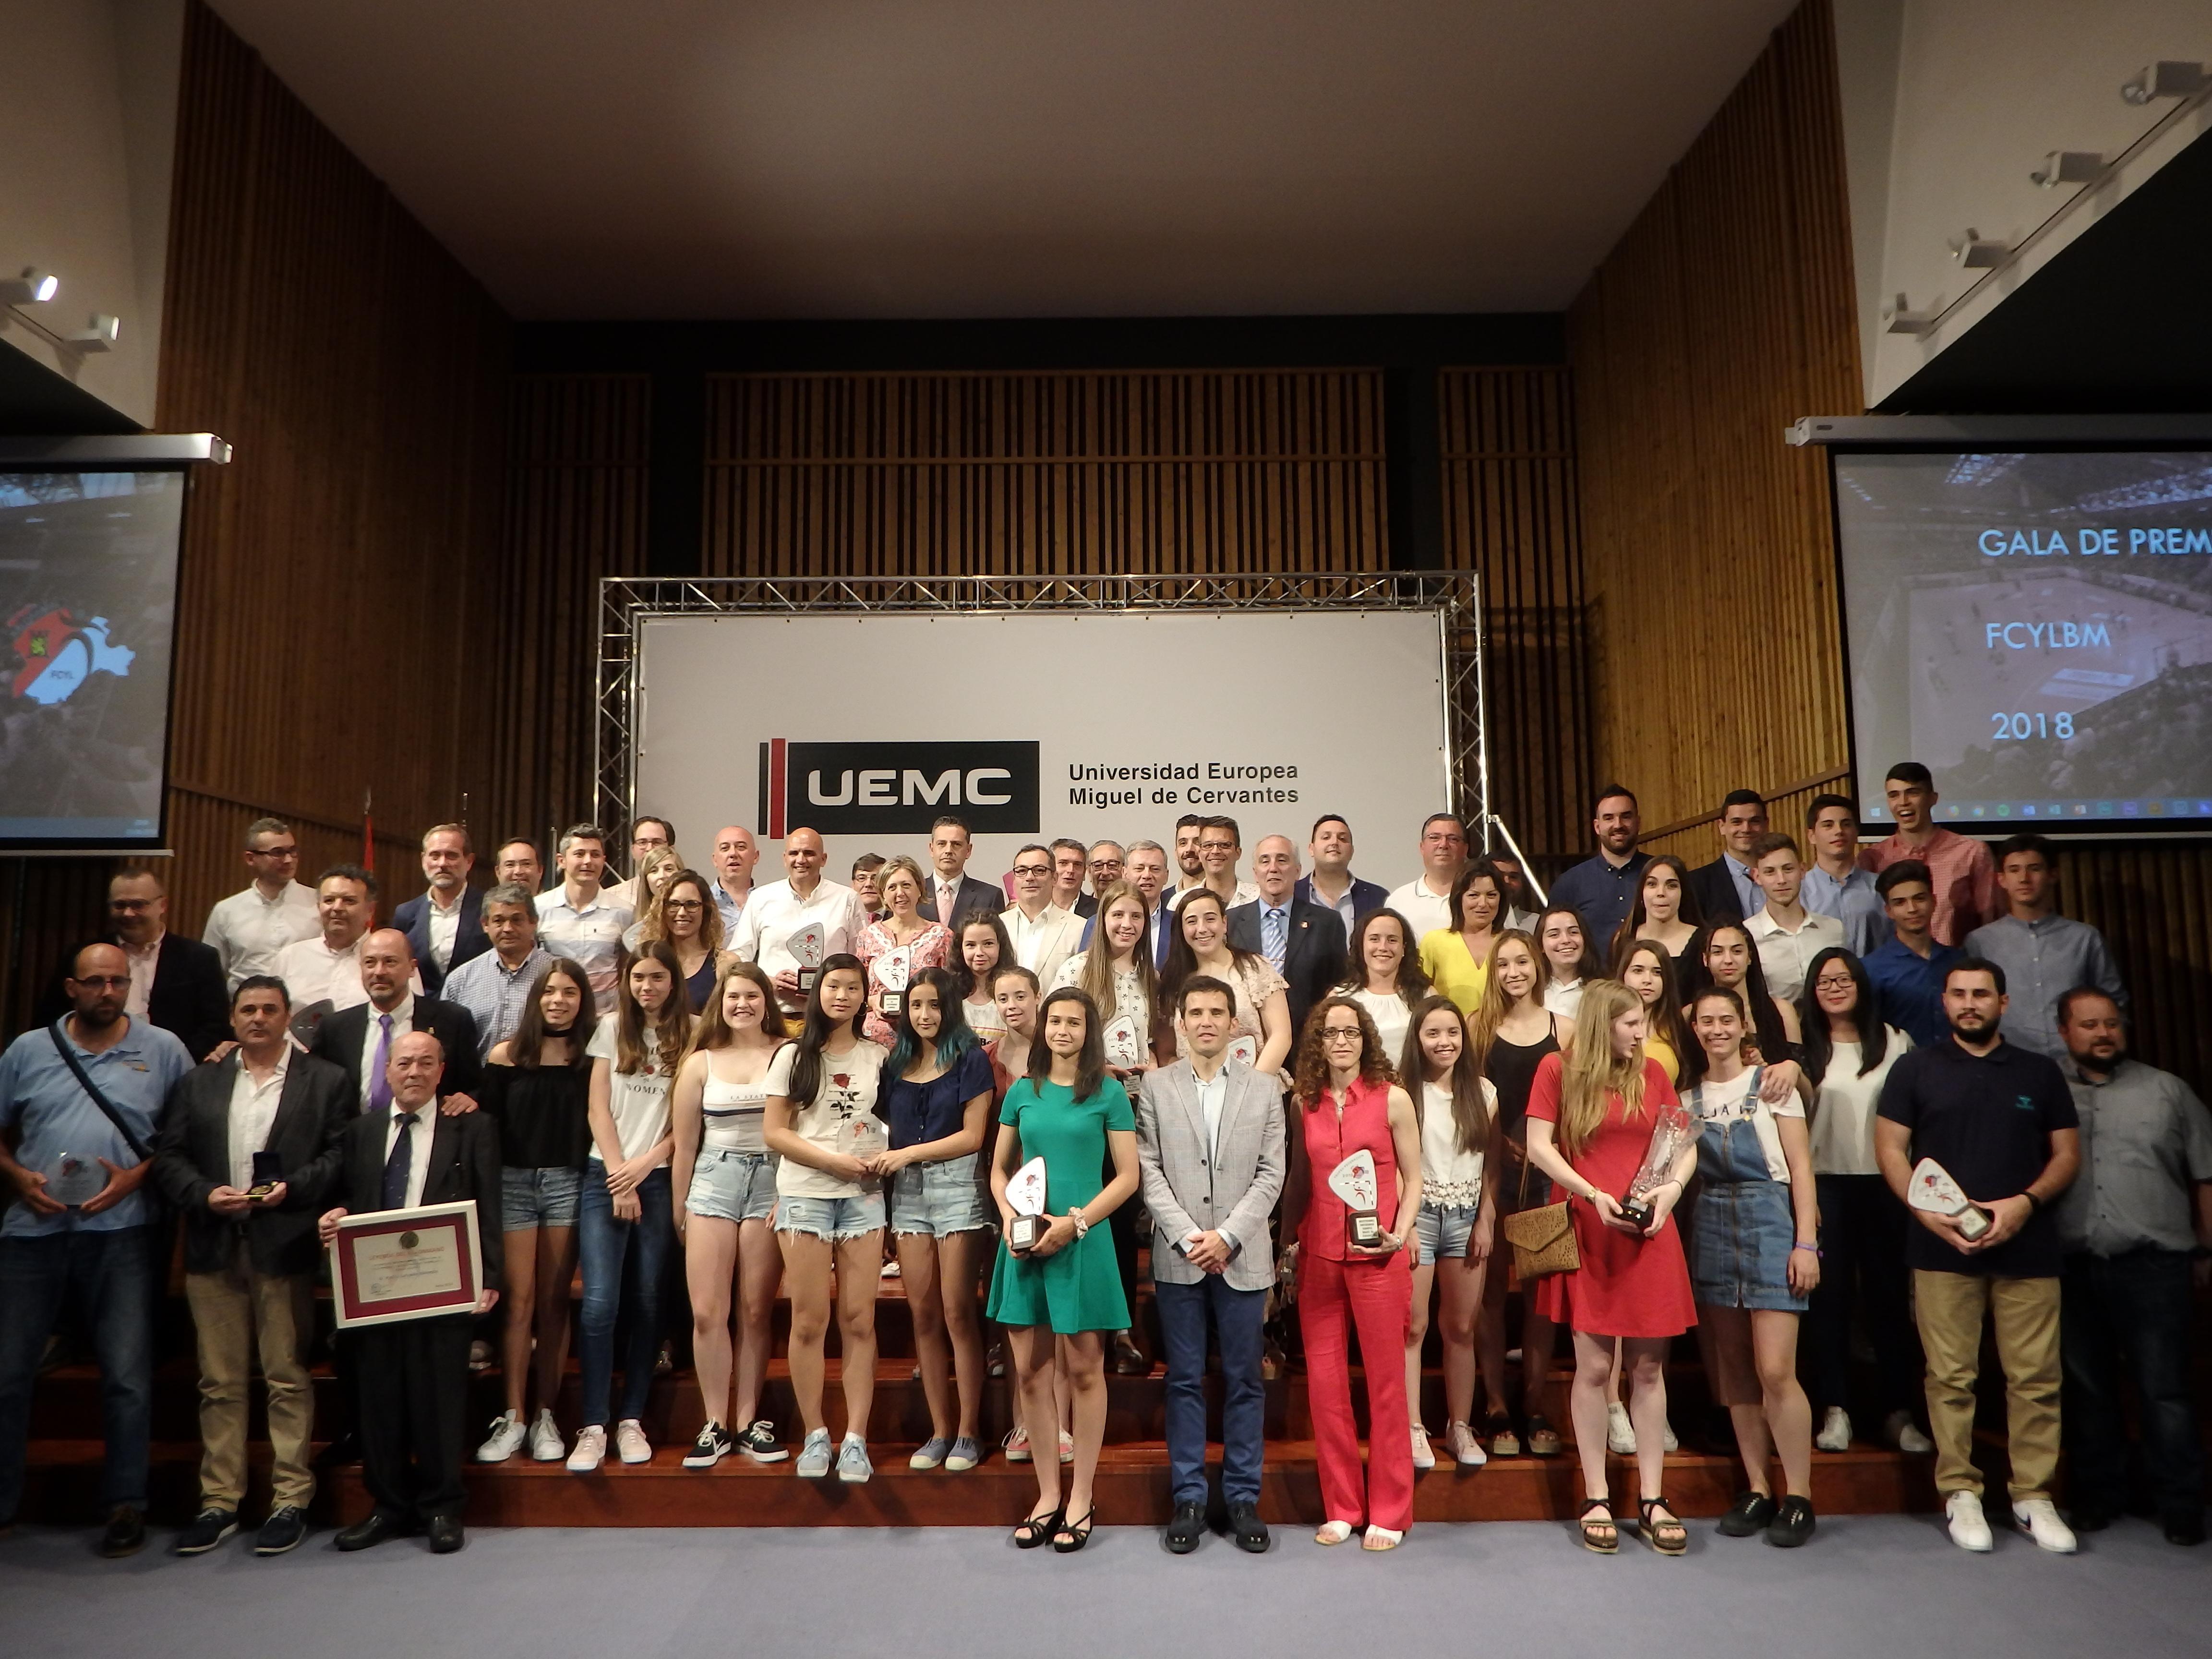 Foto de familia de los premiados por la FCYLBM 2018.